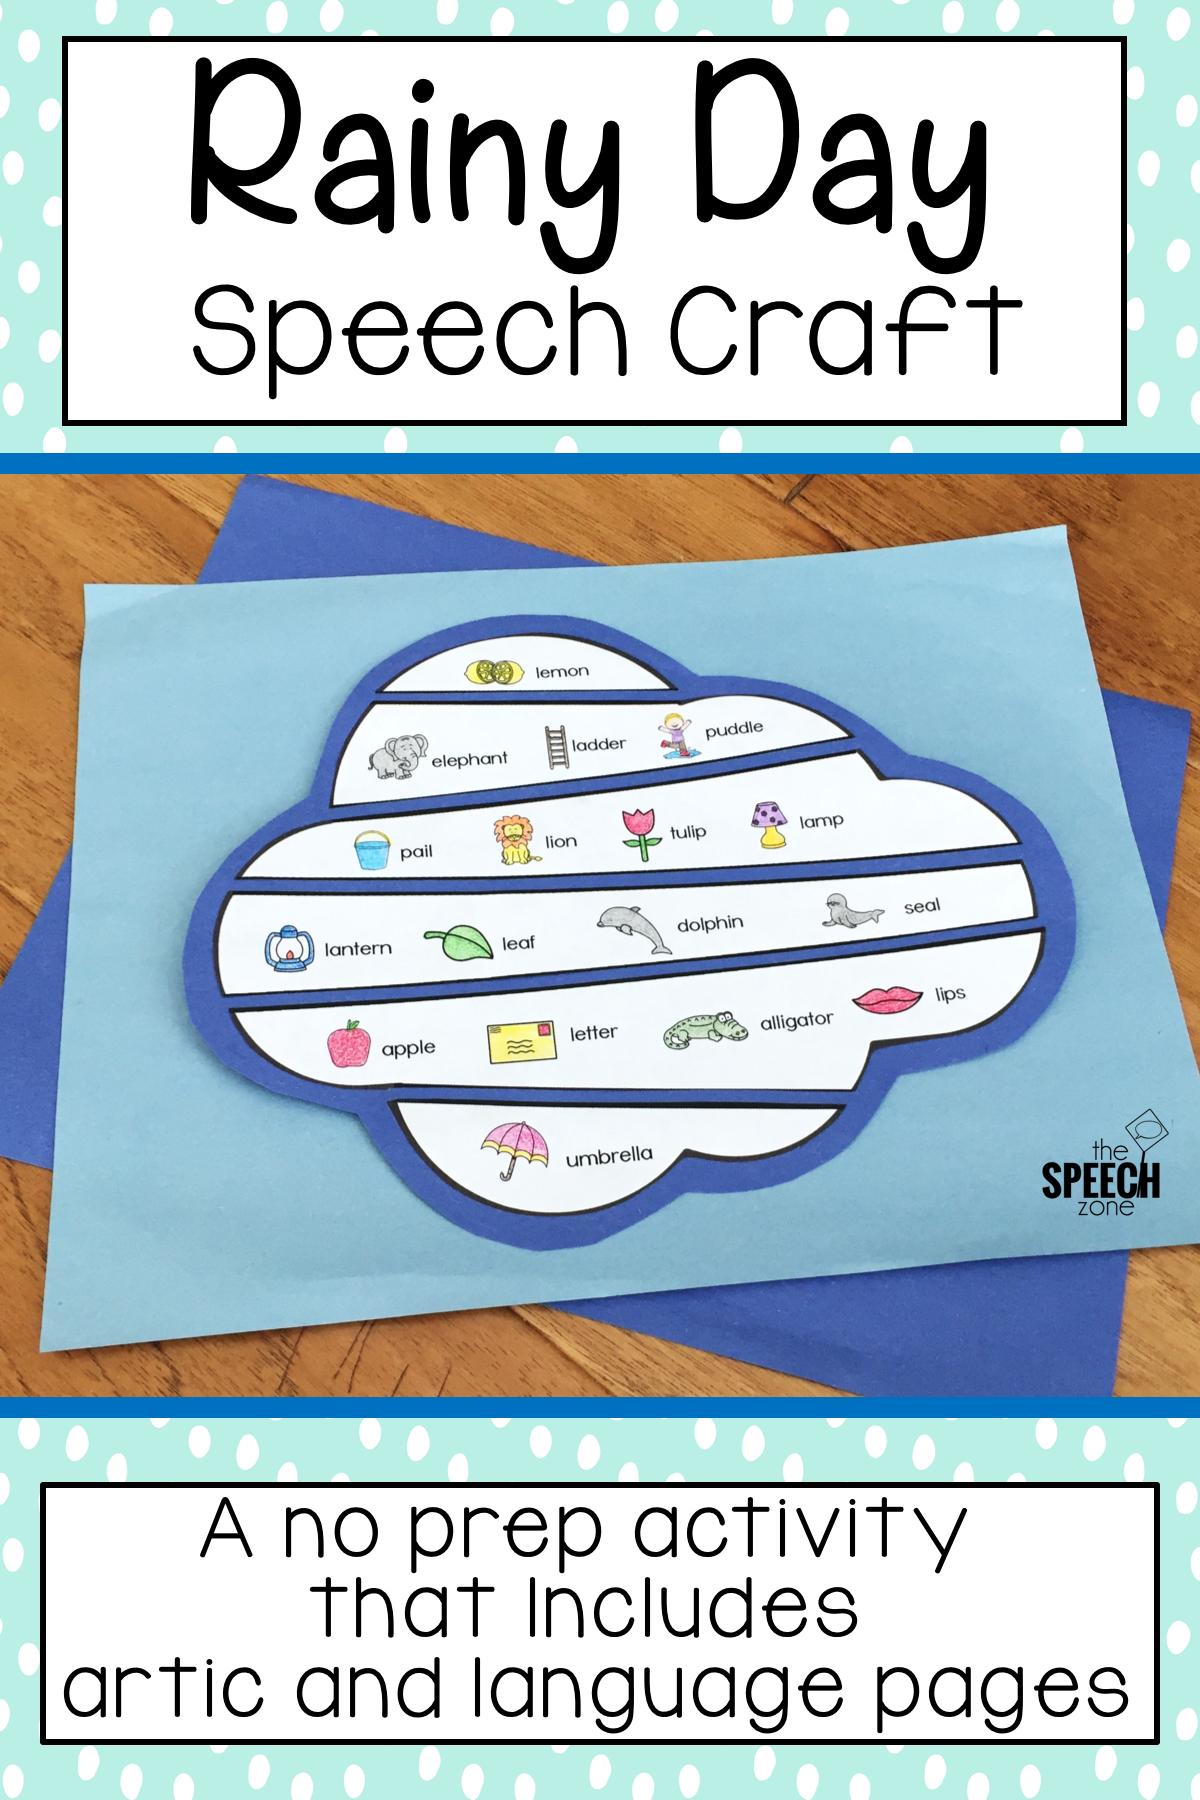 Spring Cloud Speech Craft